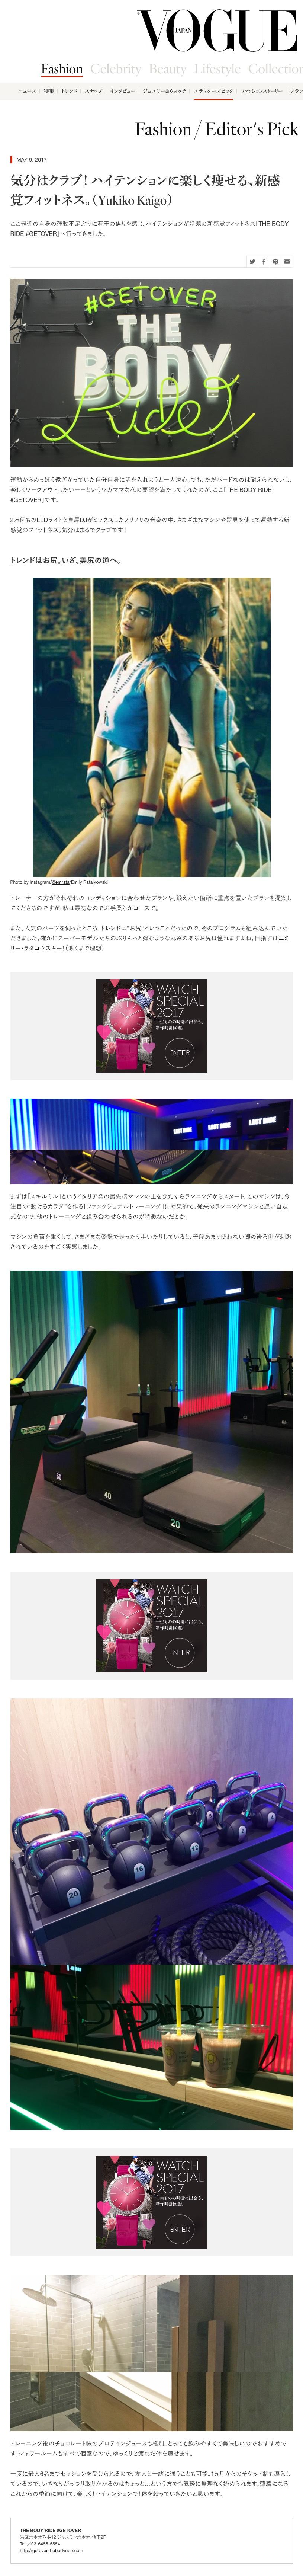 screencapture-vogue-co-jp-fashion-editors_picks-2017-05-09-yukiko-kaigo-1494326522944